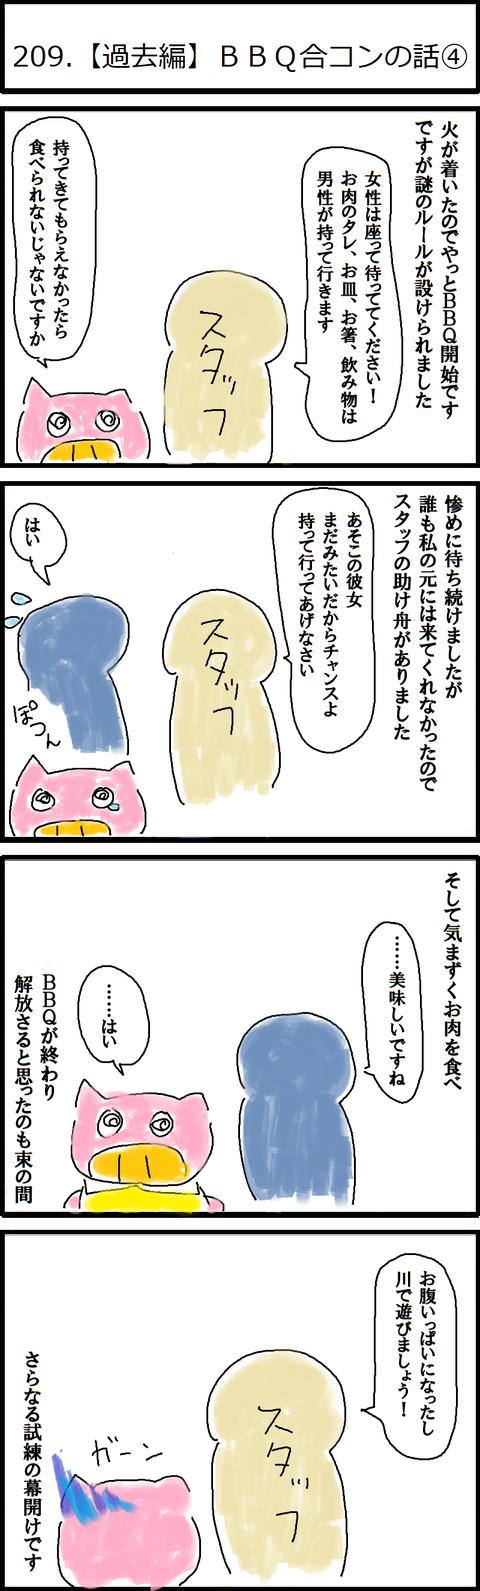 209.【過去編】BBQ合コンの話④